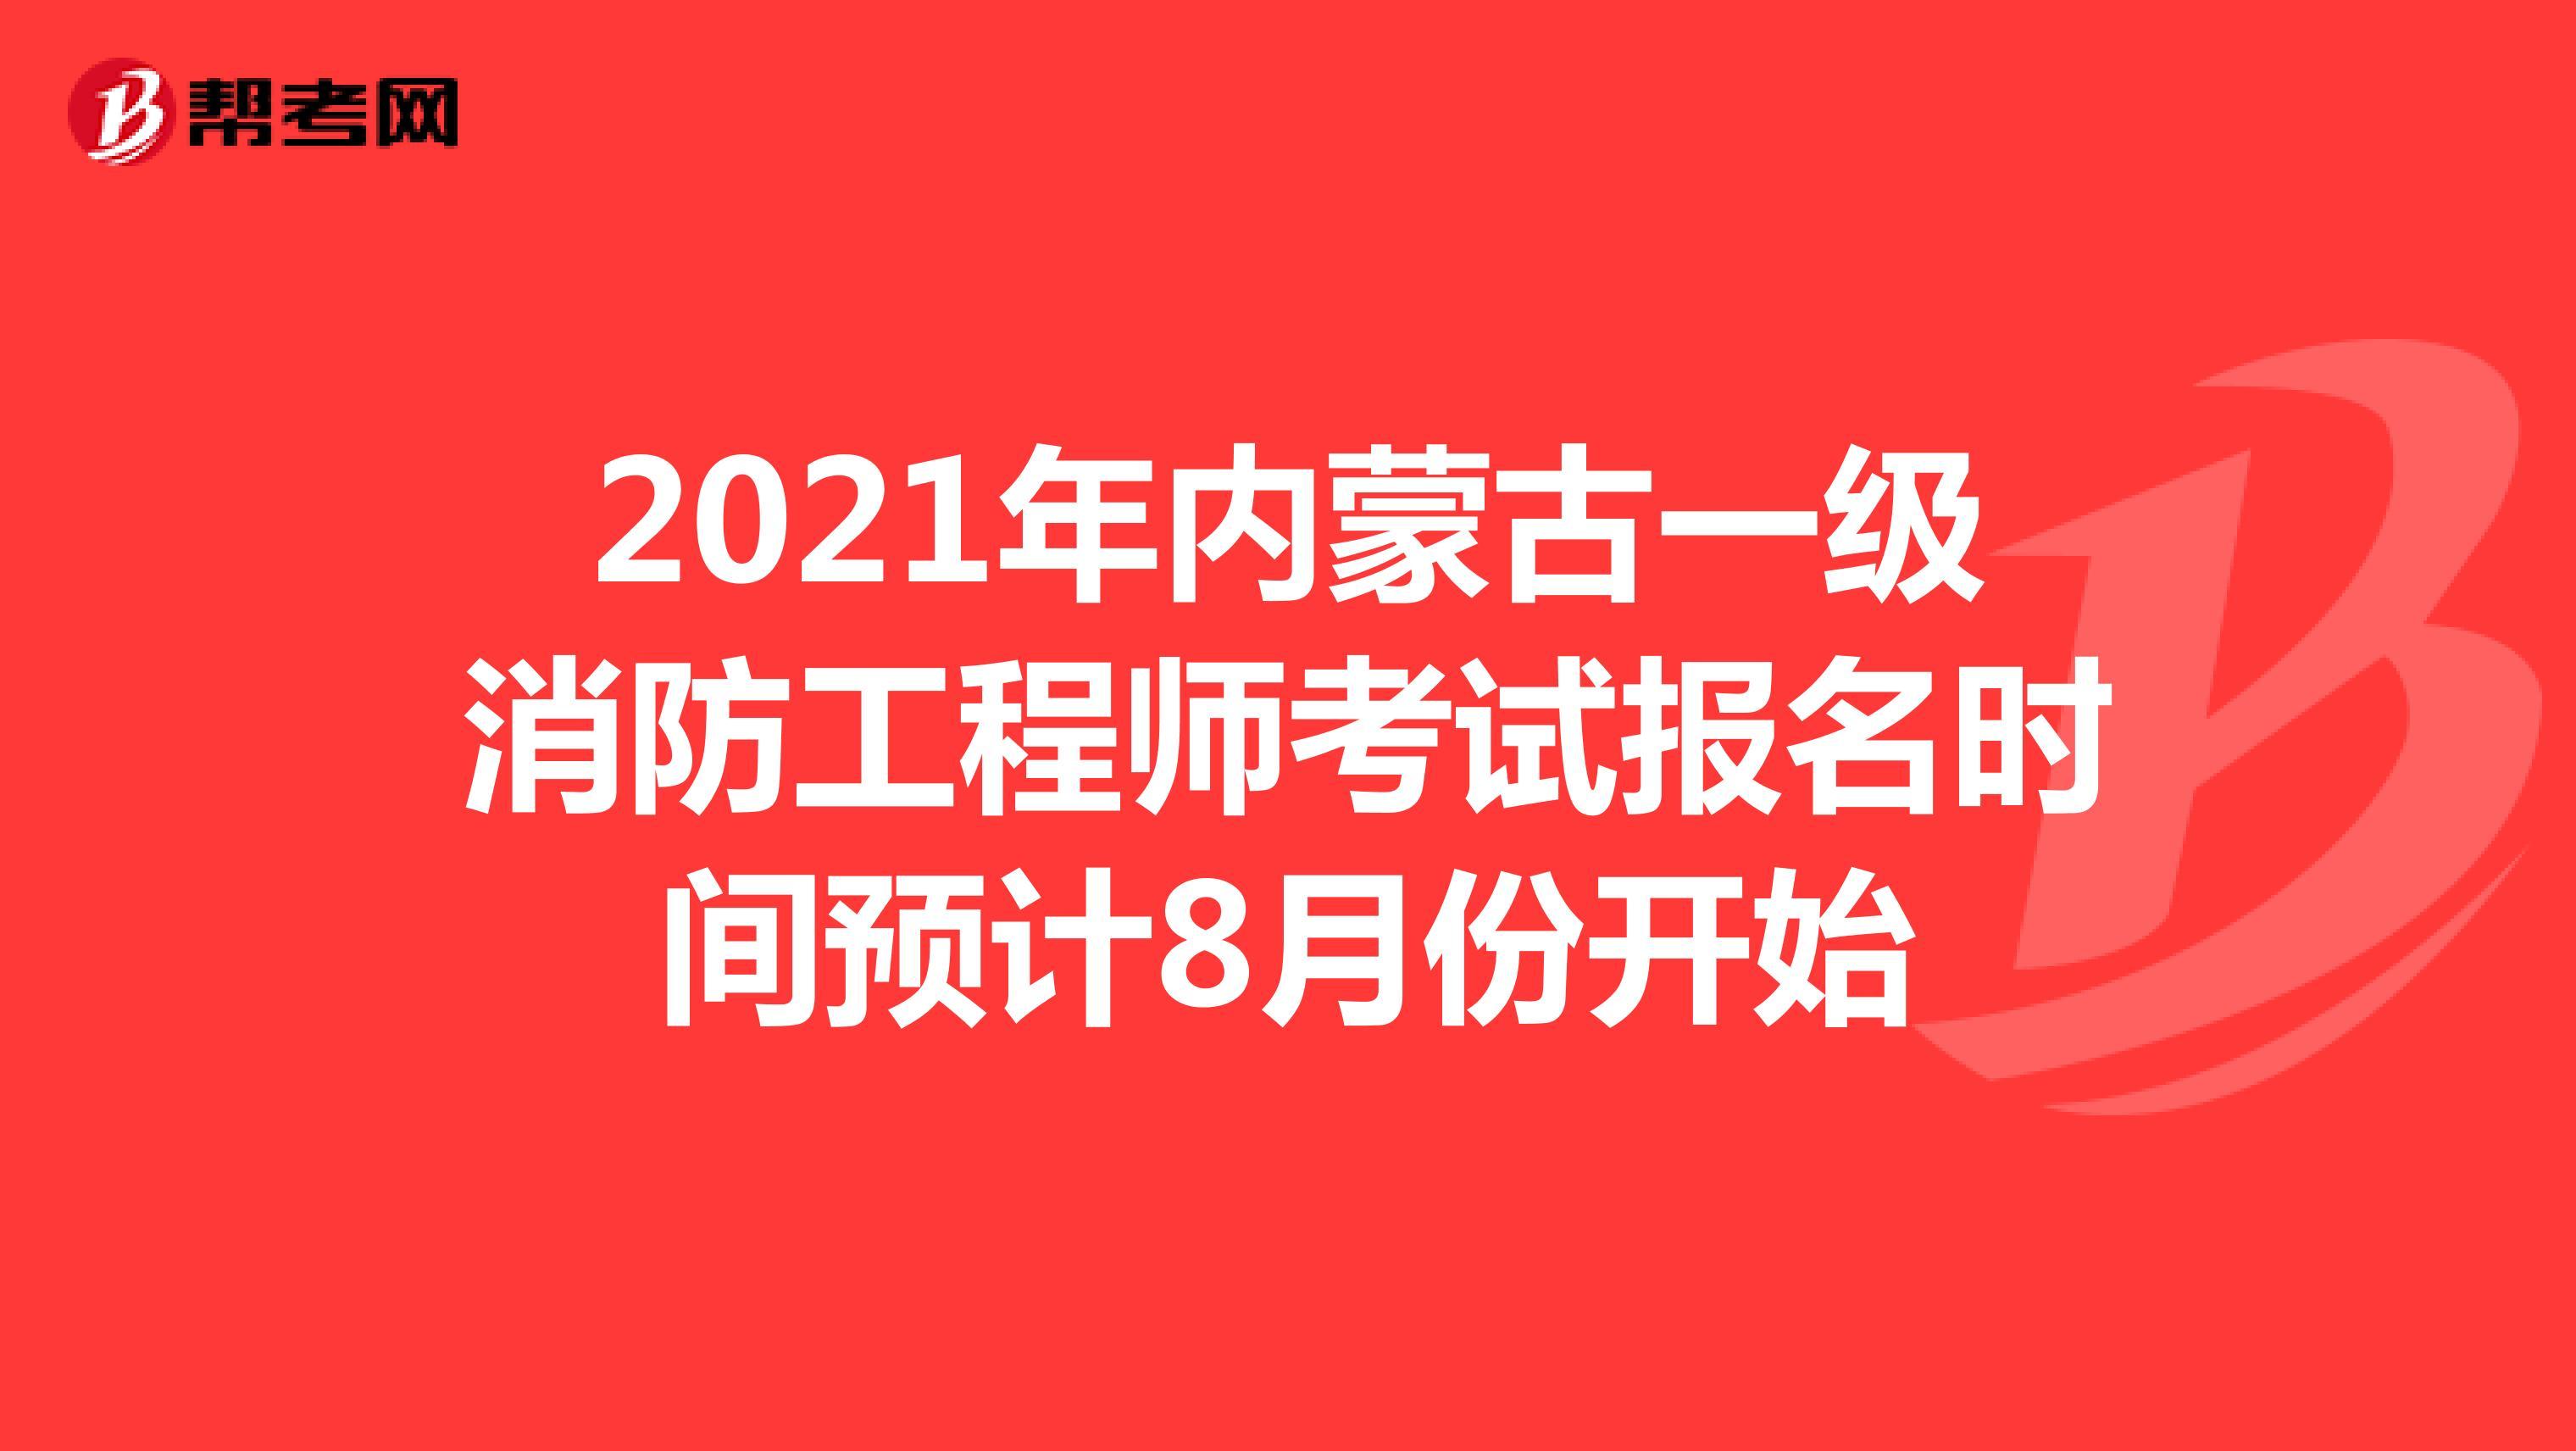 2021年内蒙古一级消防工程师考试报名时间预计8月份开始